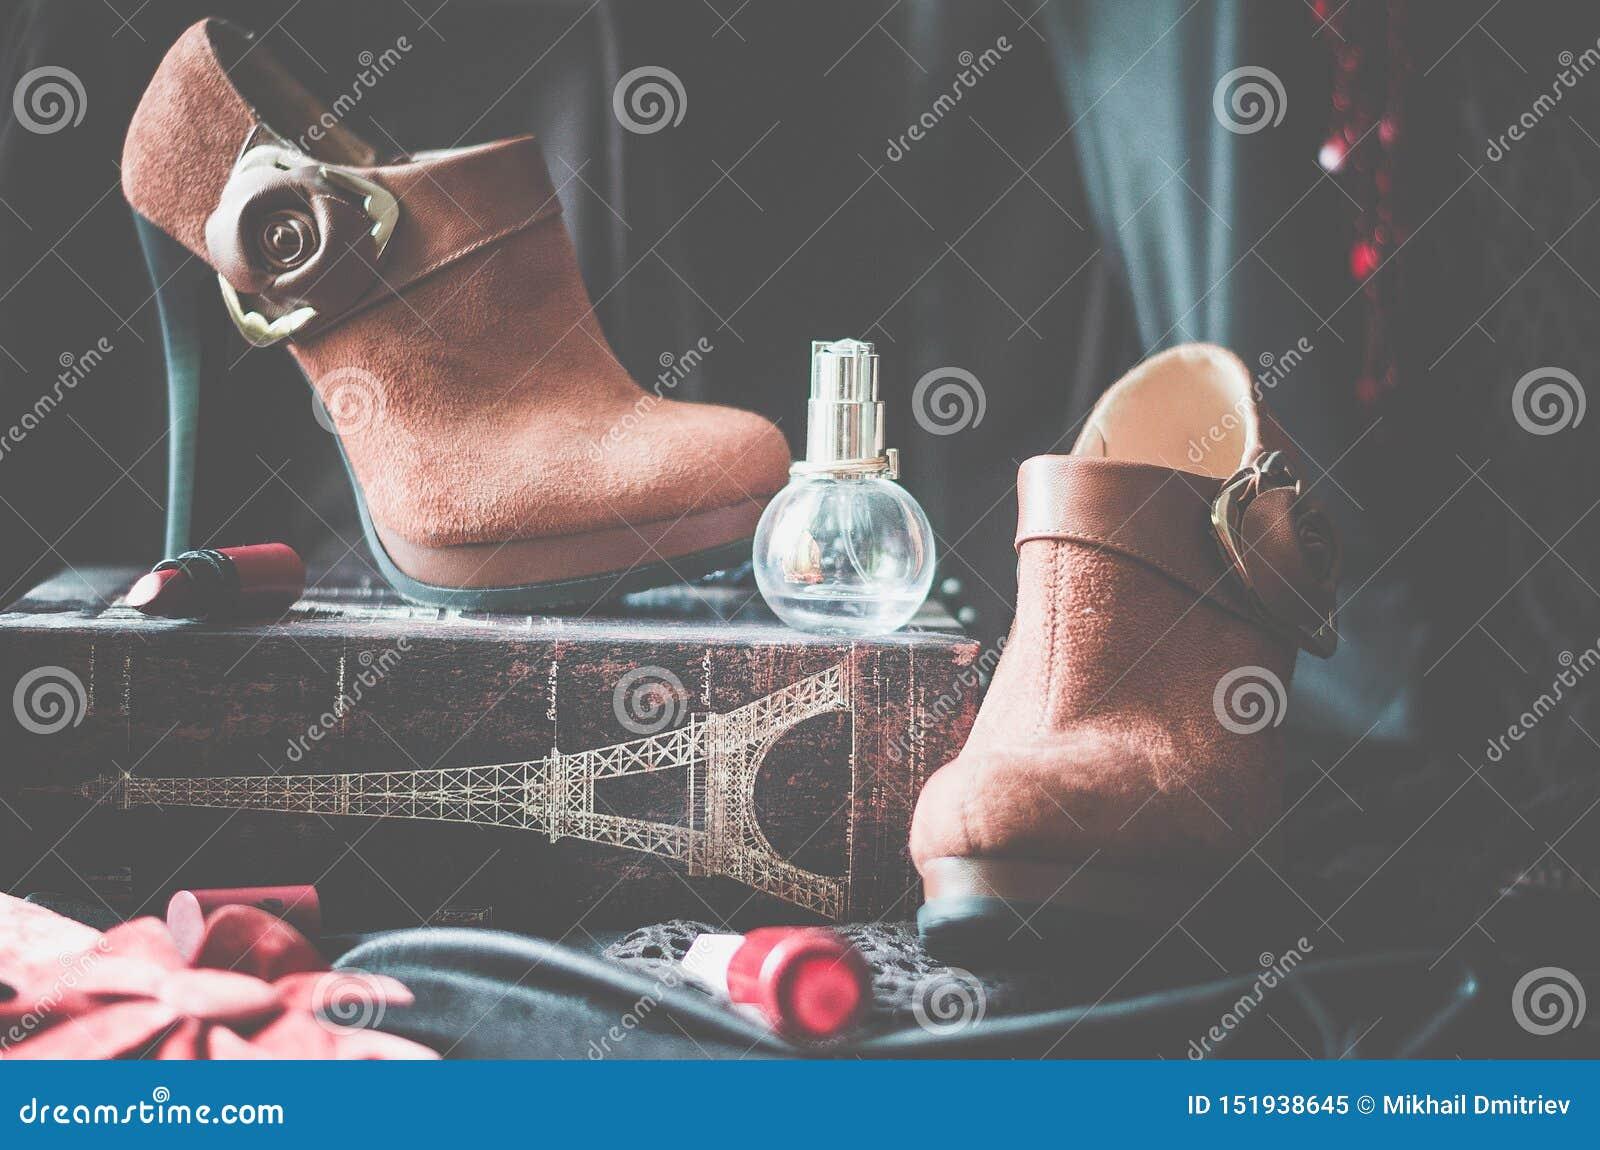 Ankelkängor, skor, kvinnors skor, ställningen, sockeln, läppstift, doft, flaska, ställer ut, rött, designen, blomman, lagret, bou